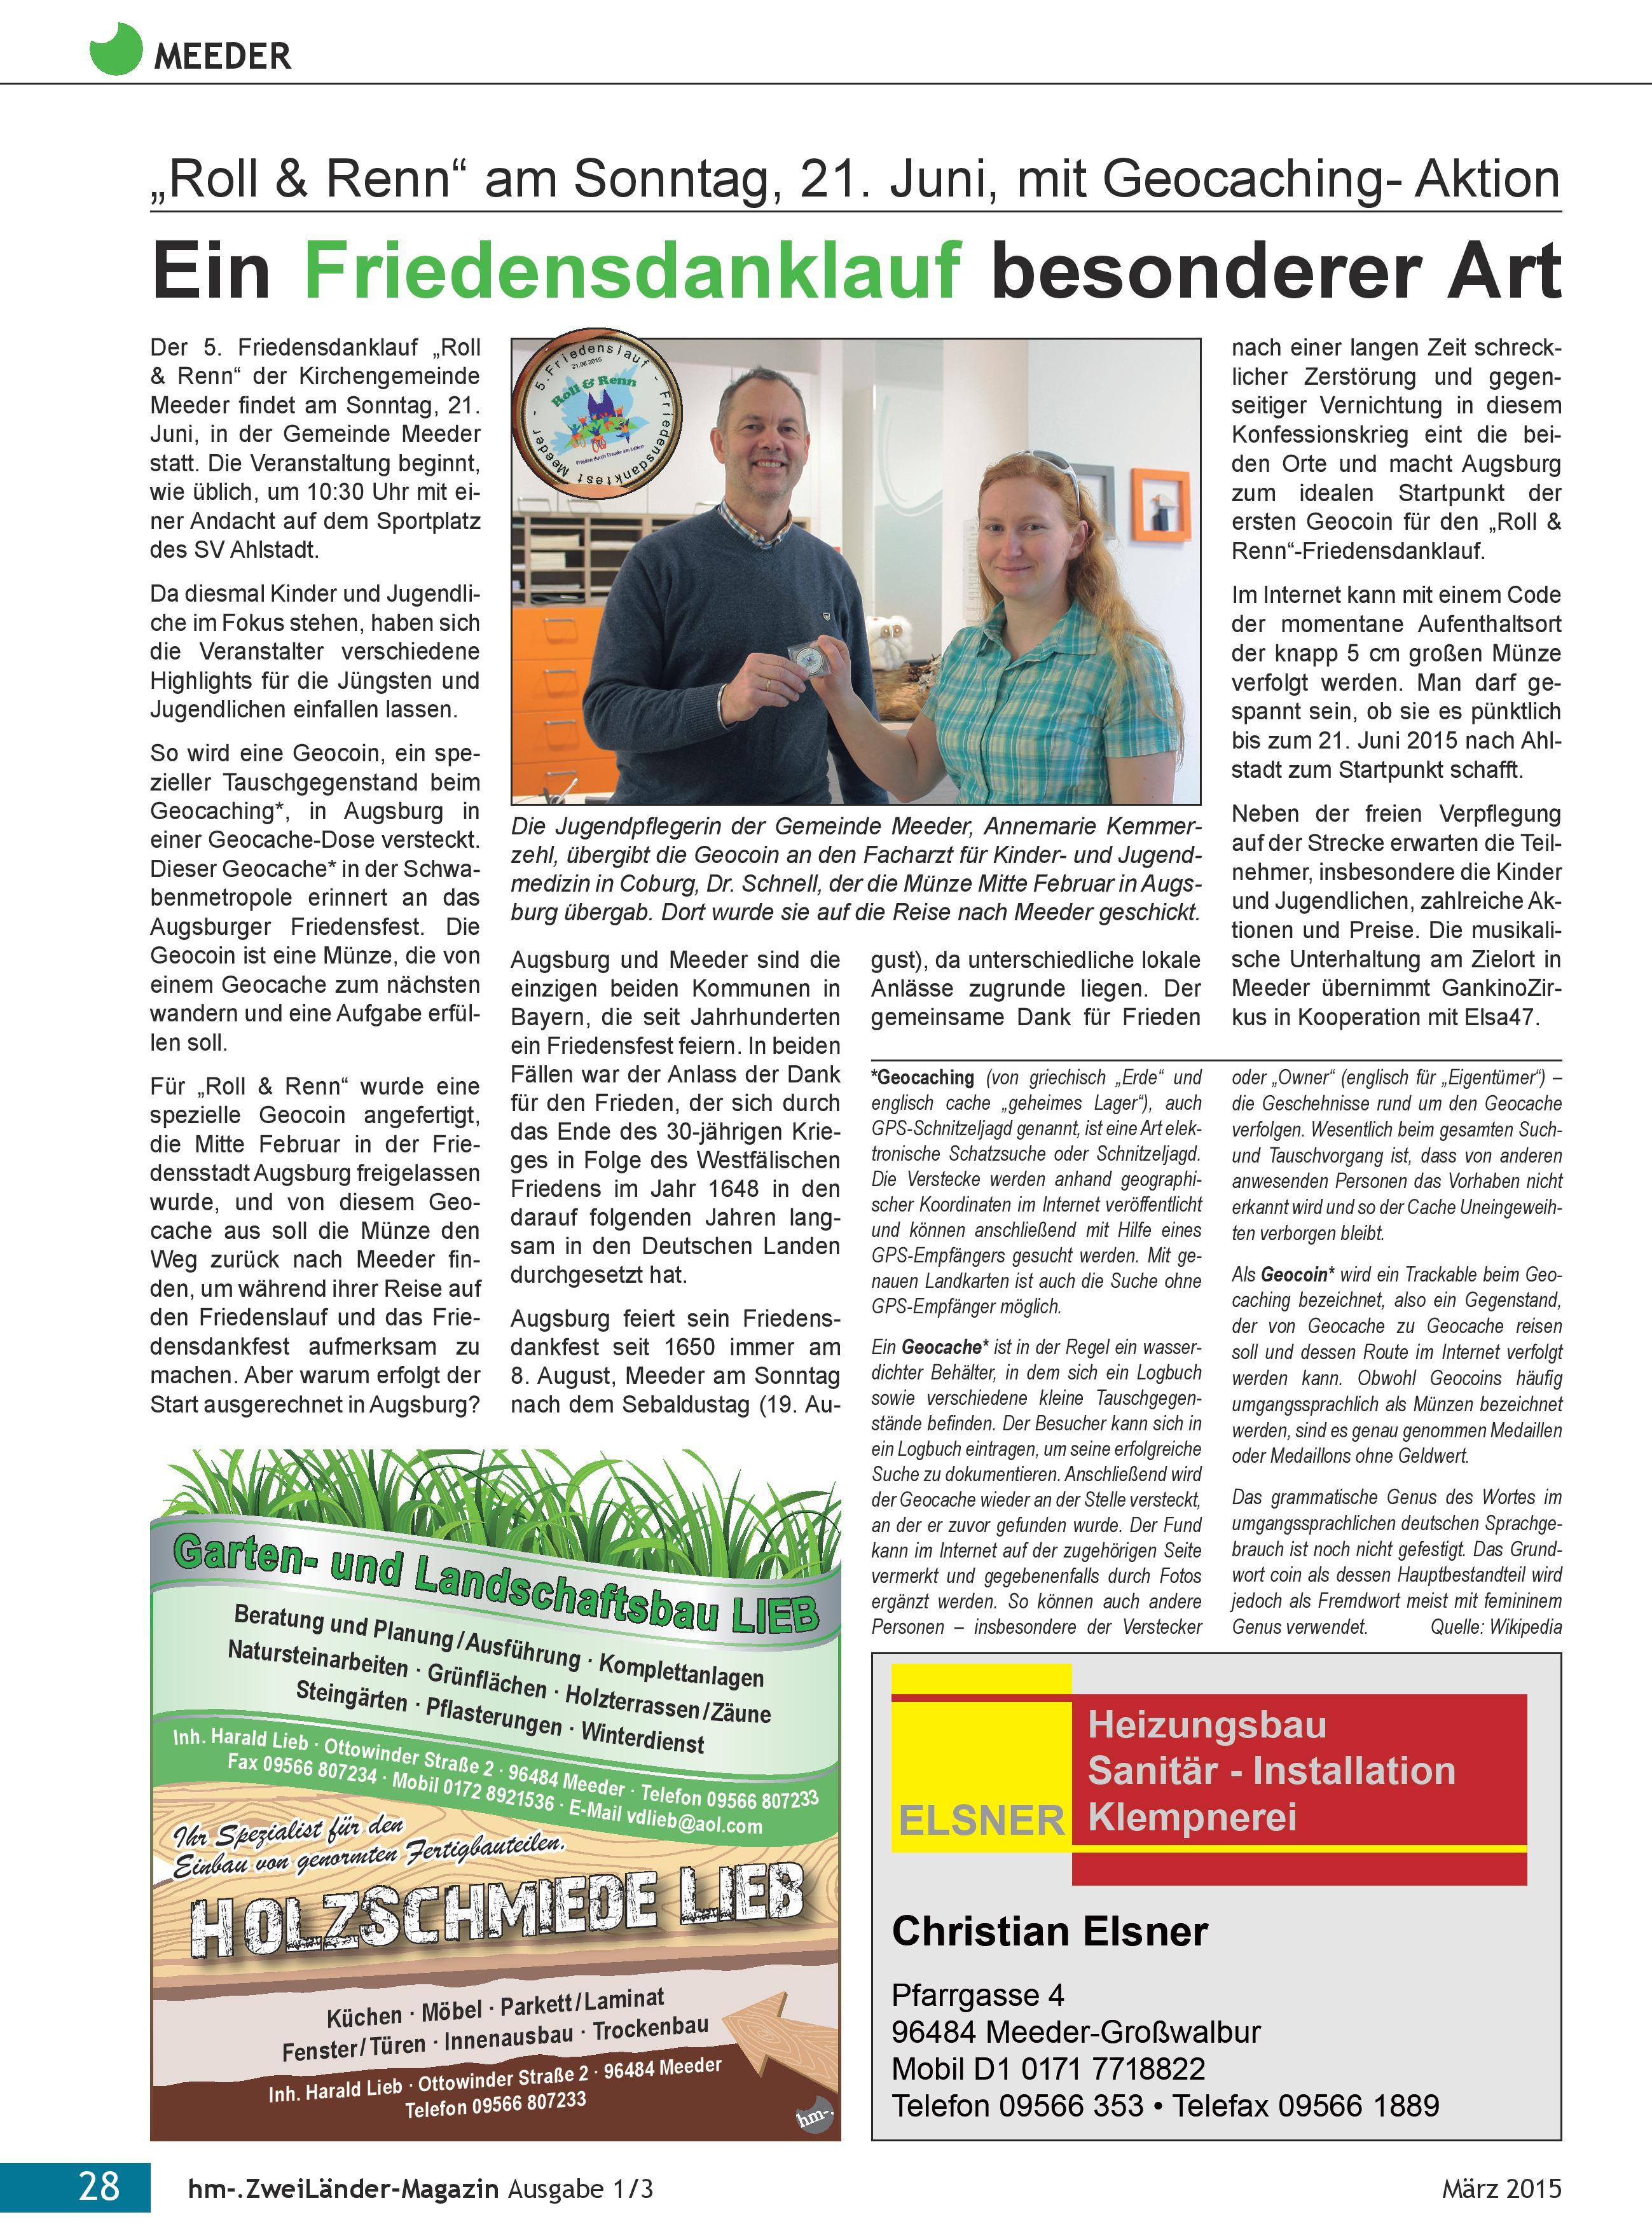 Roll-und-Renn_03-2015-page-001